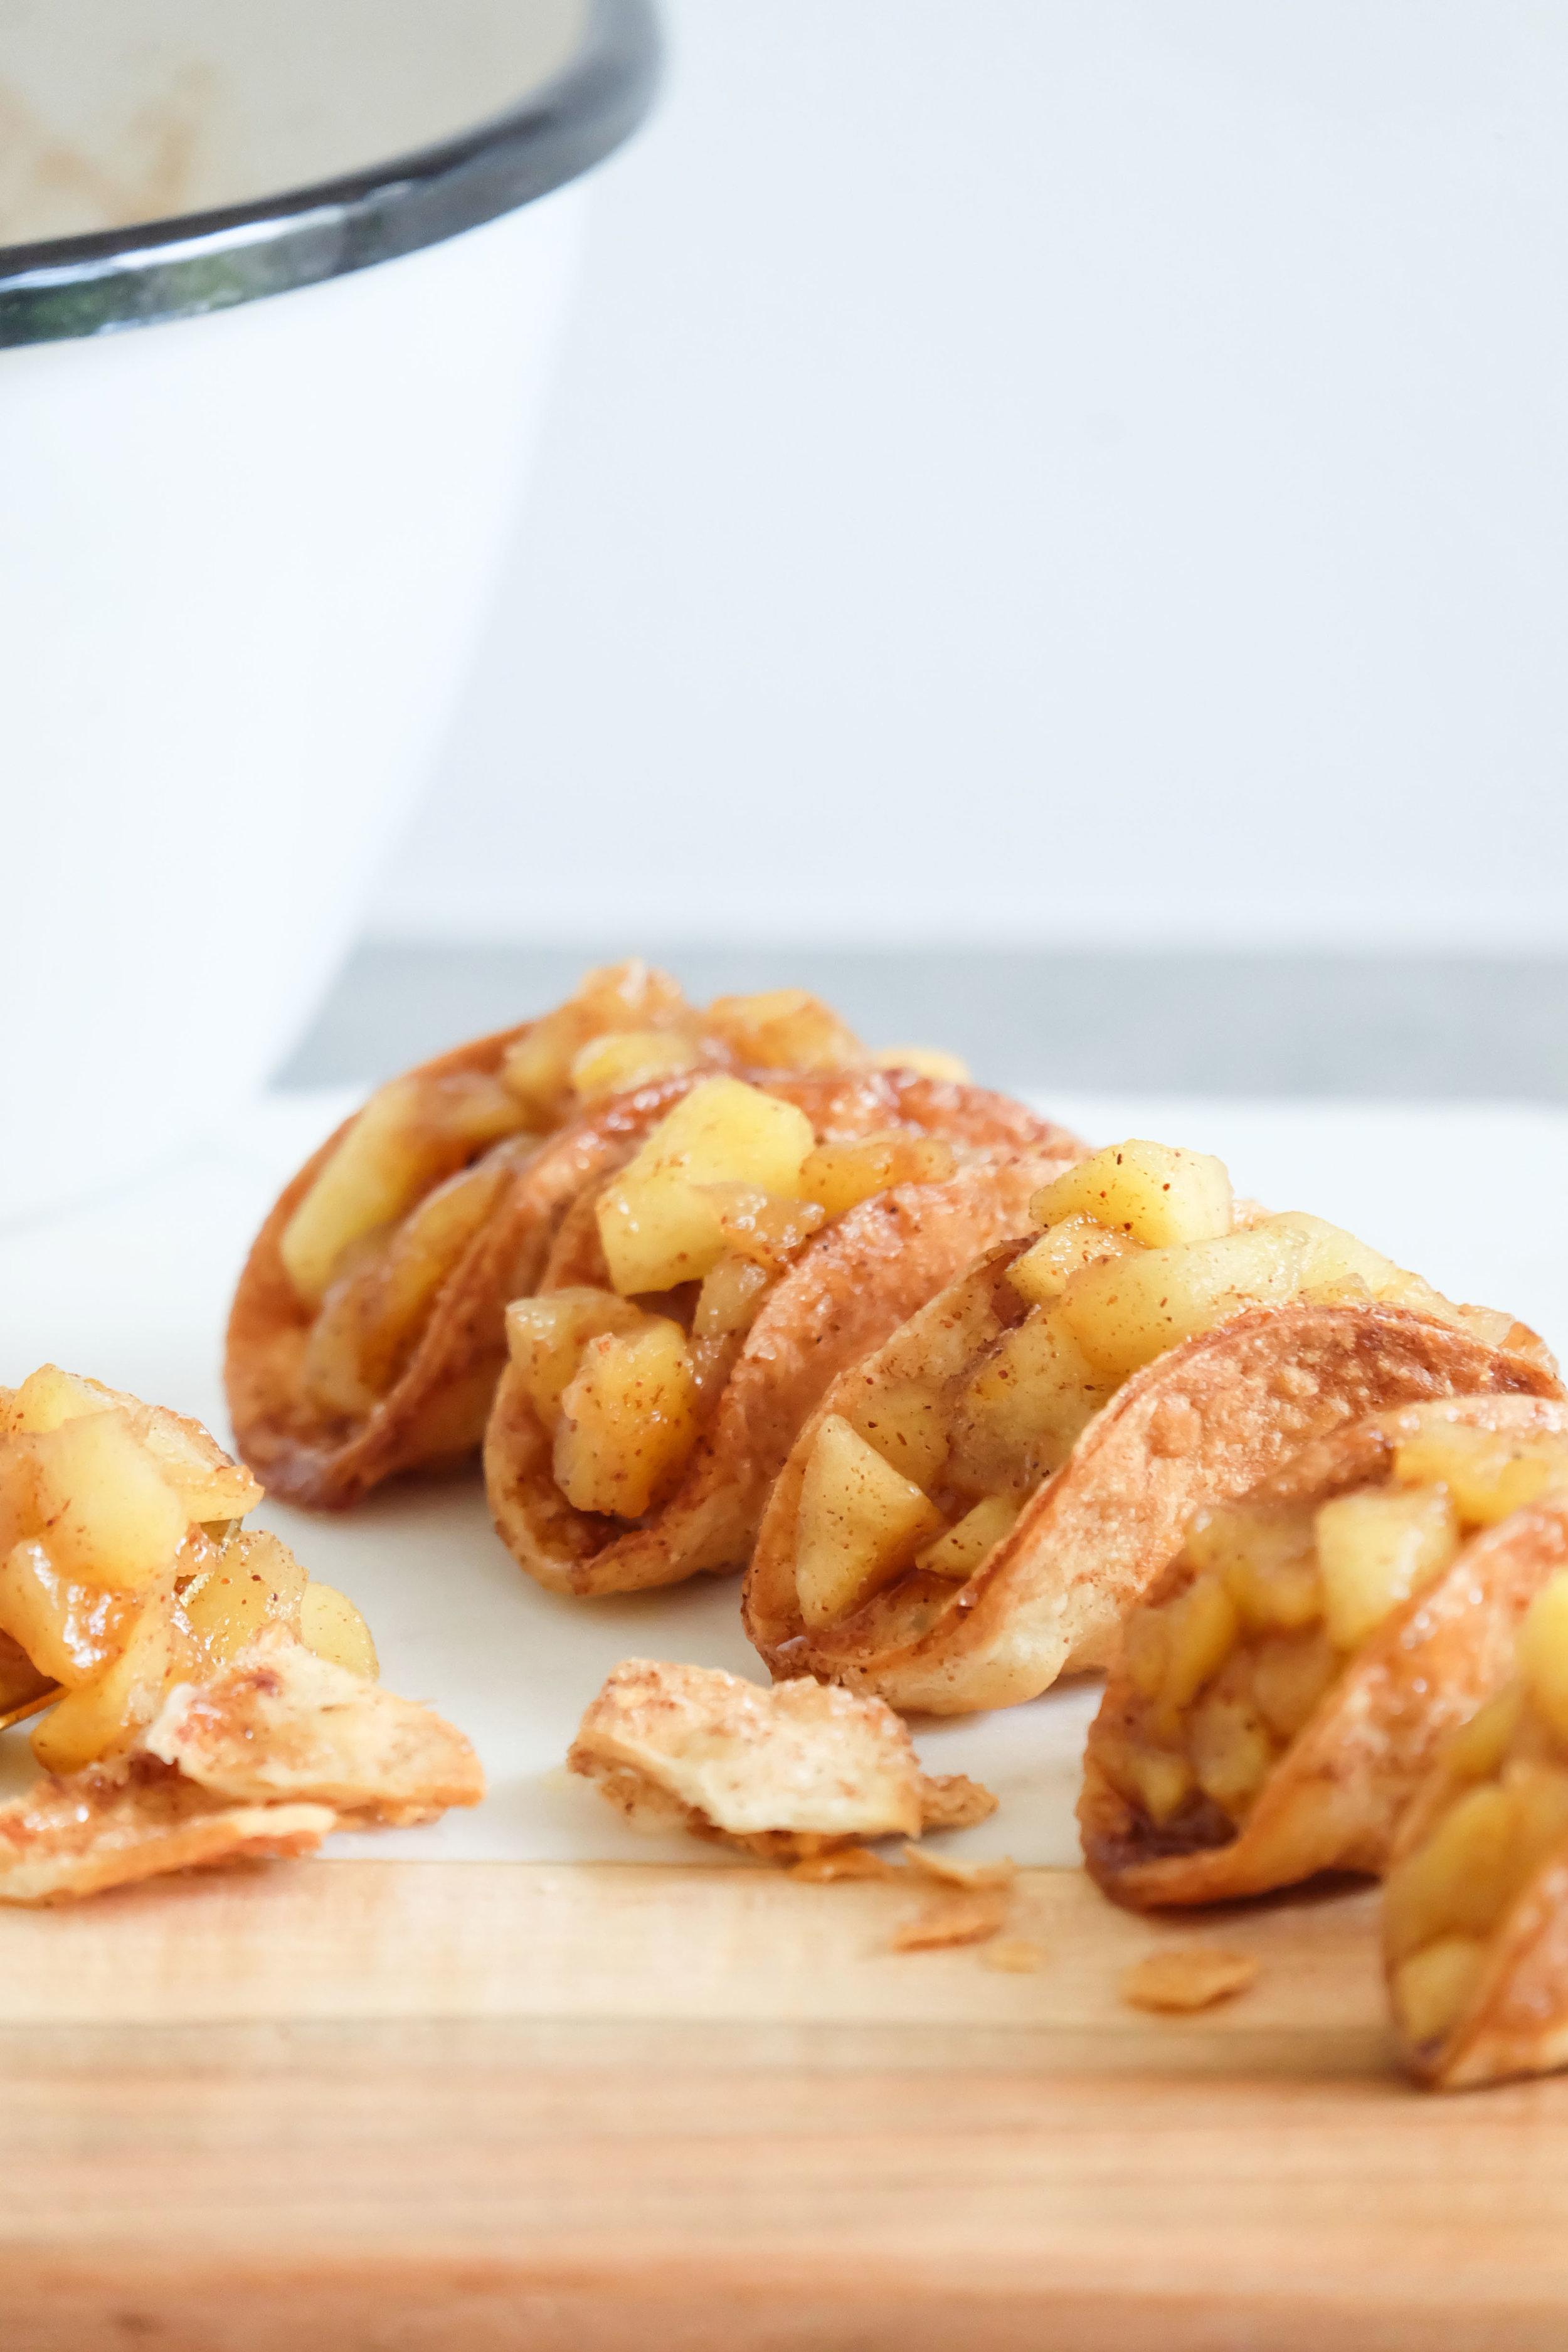 Zoete-mini-taco-met-appel-en-kaneel